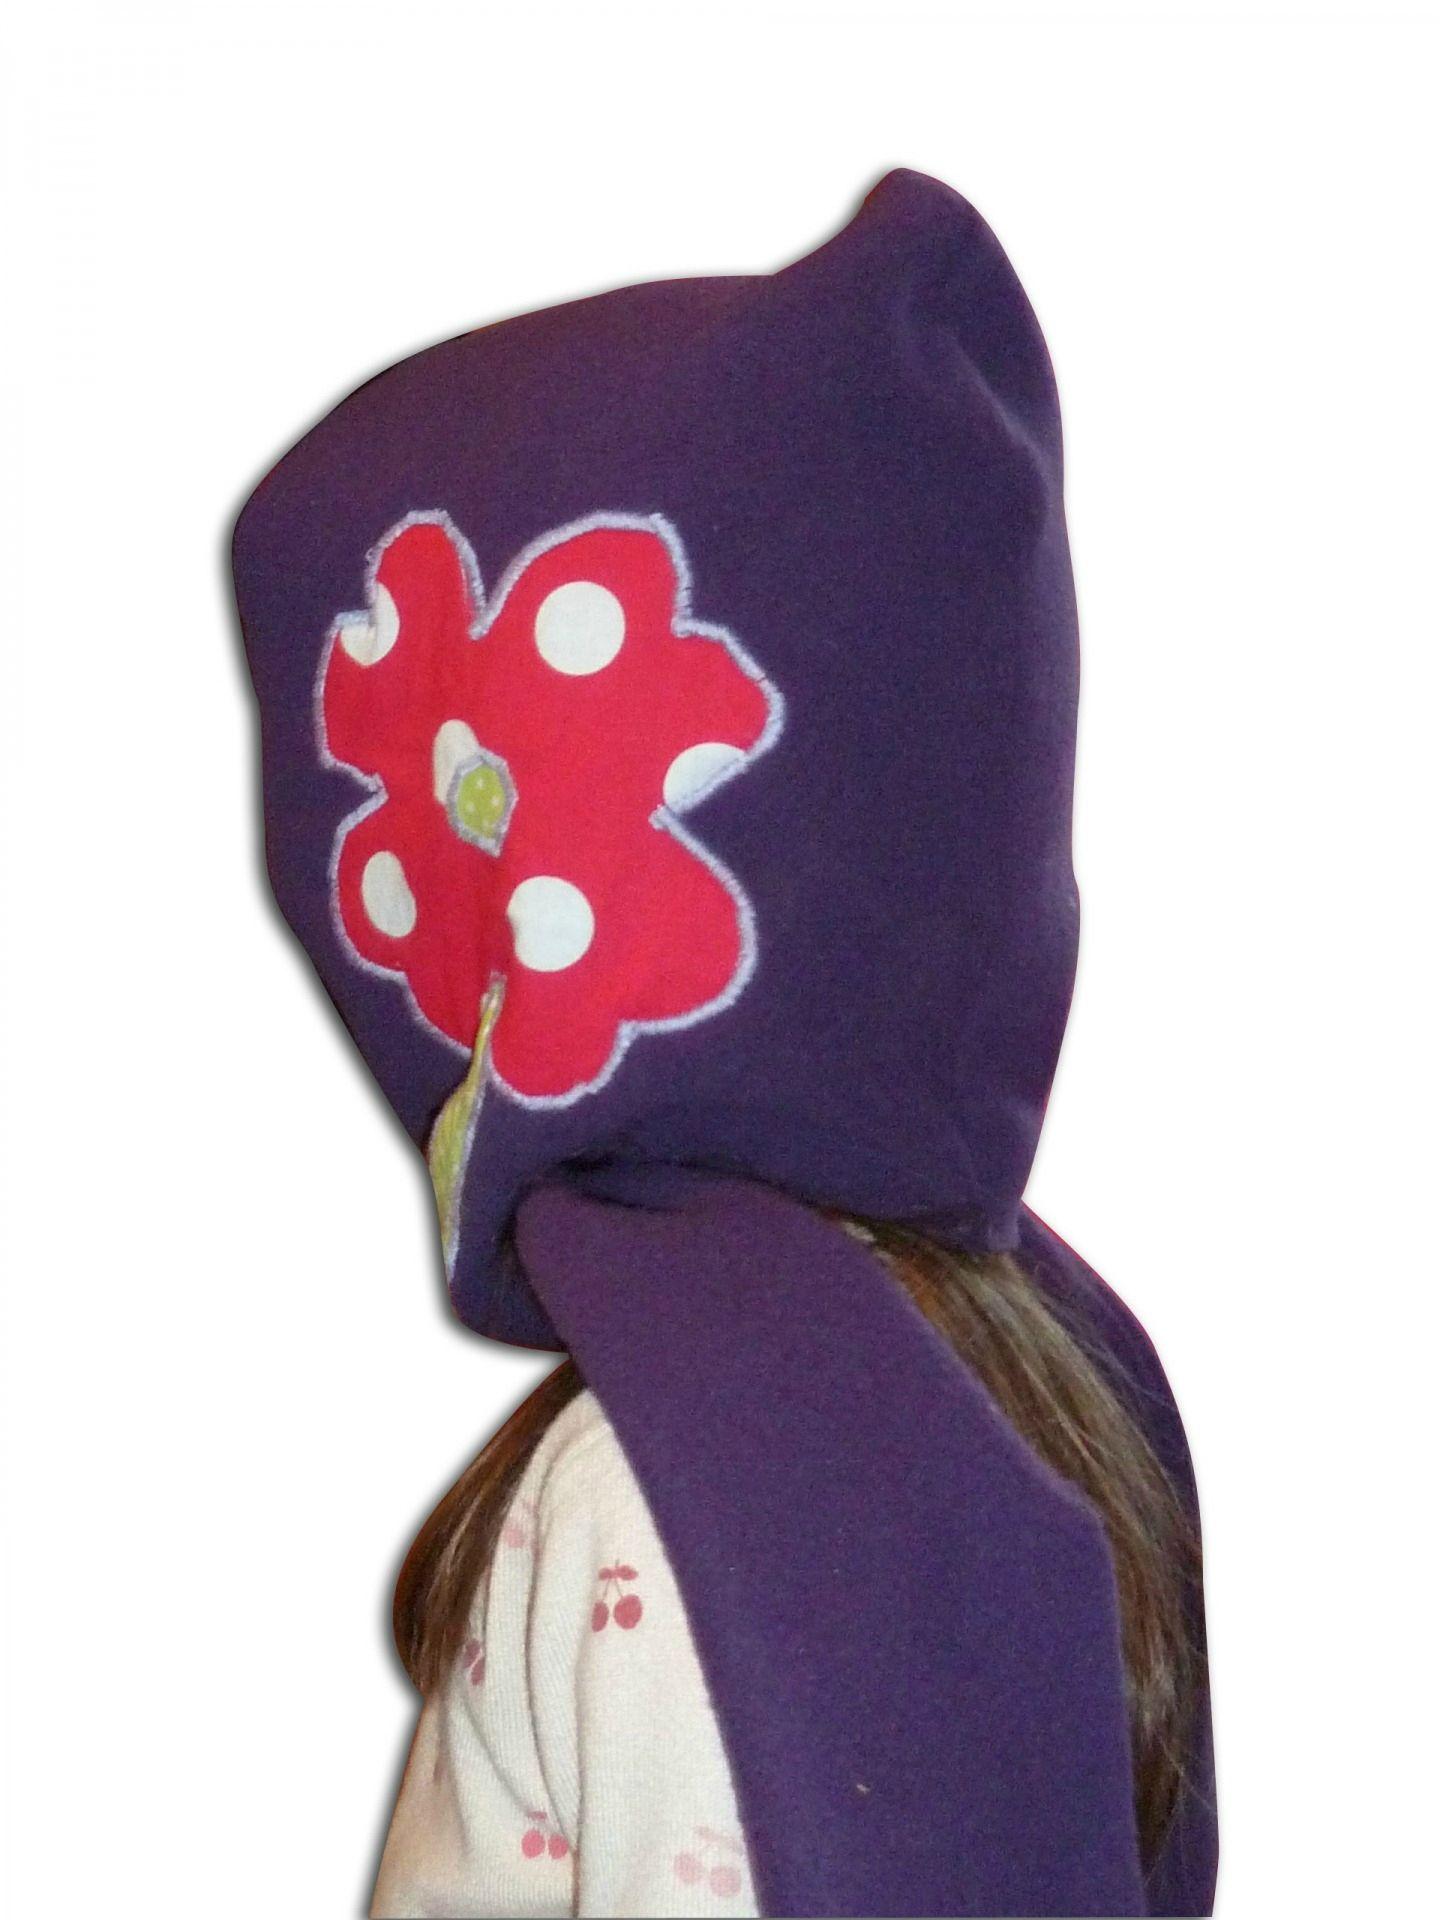 1c89d1b9d32 mode-filles-bonnet-echarpe-2-en-1-personnalisa-2003035-p1010795-c2850 big